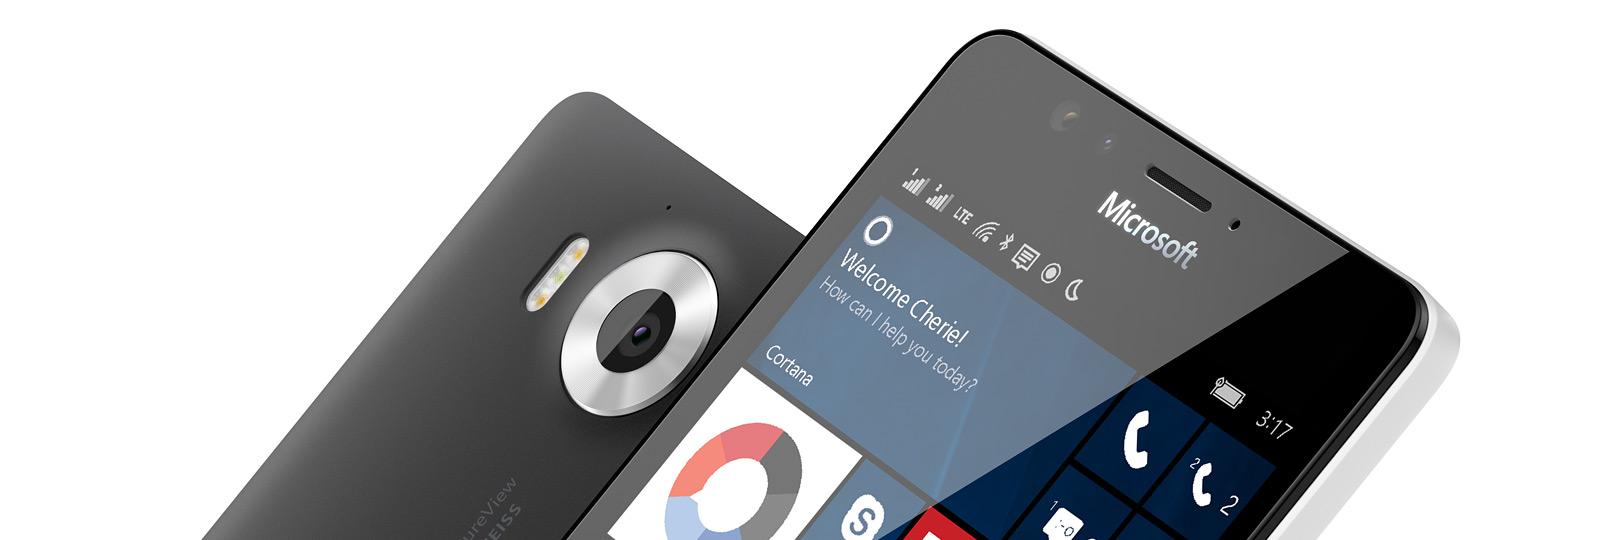 preuzimanje za mobilne uređaje